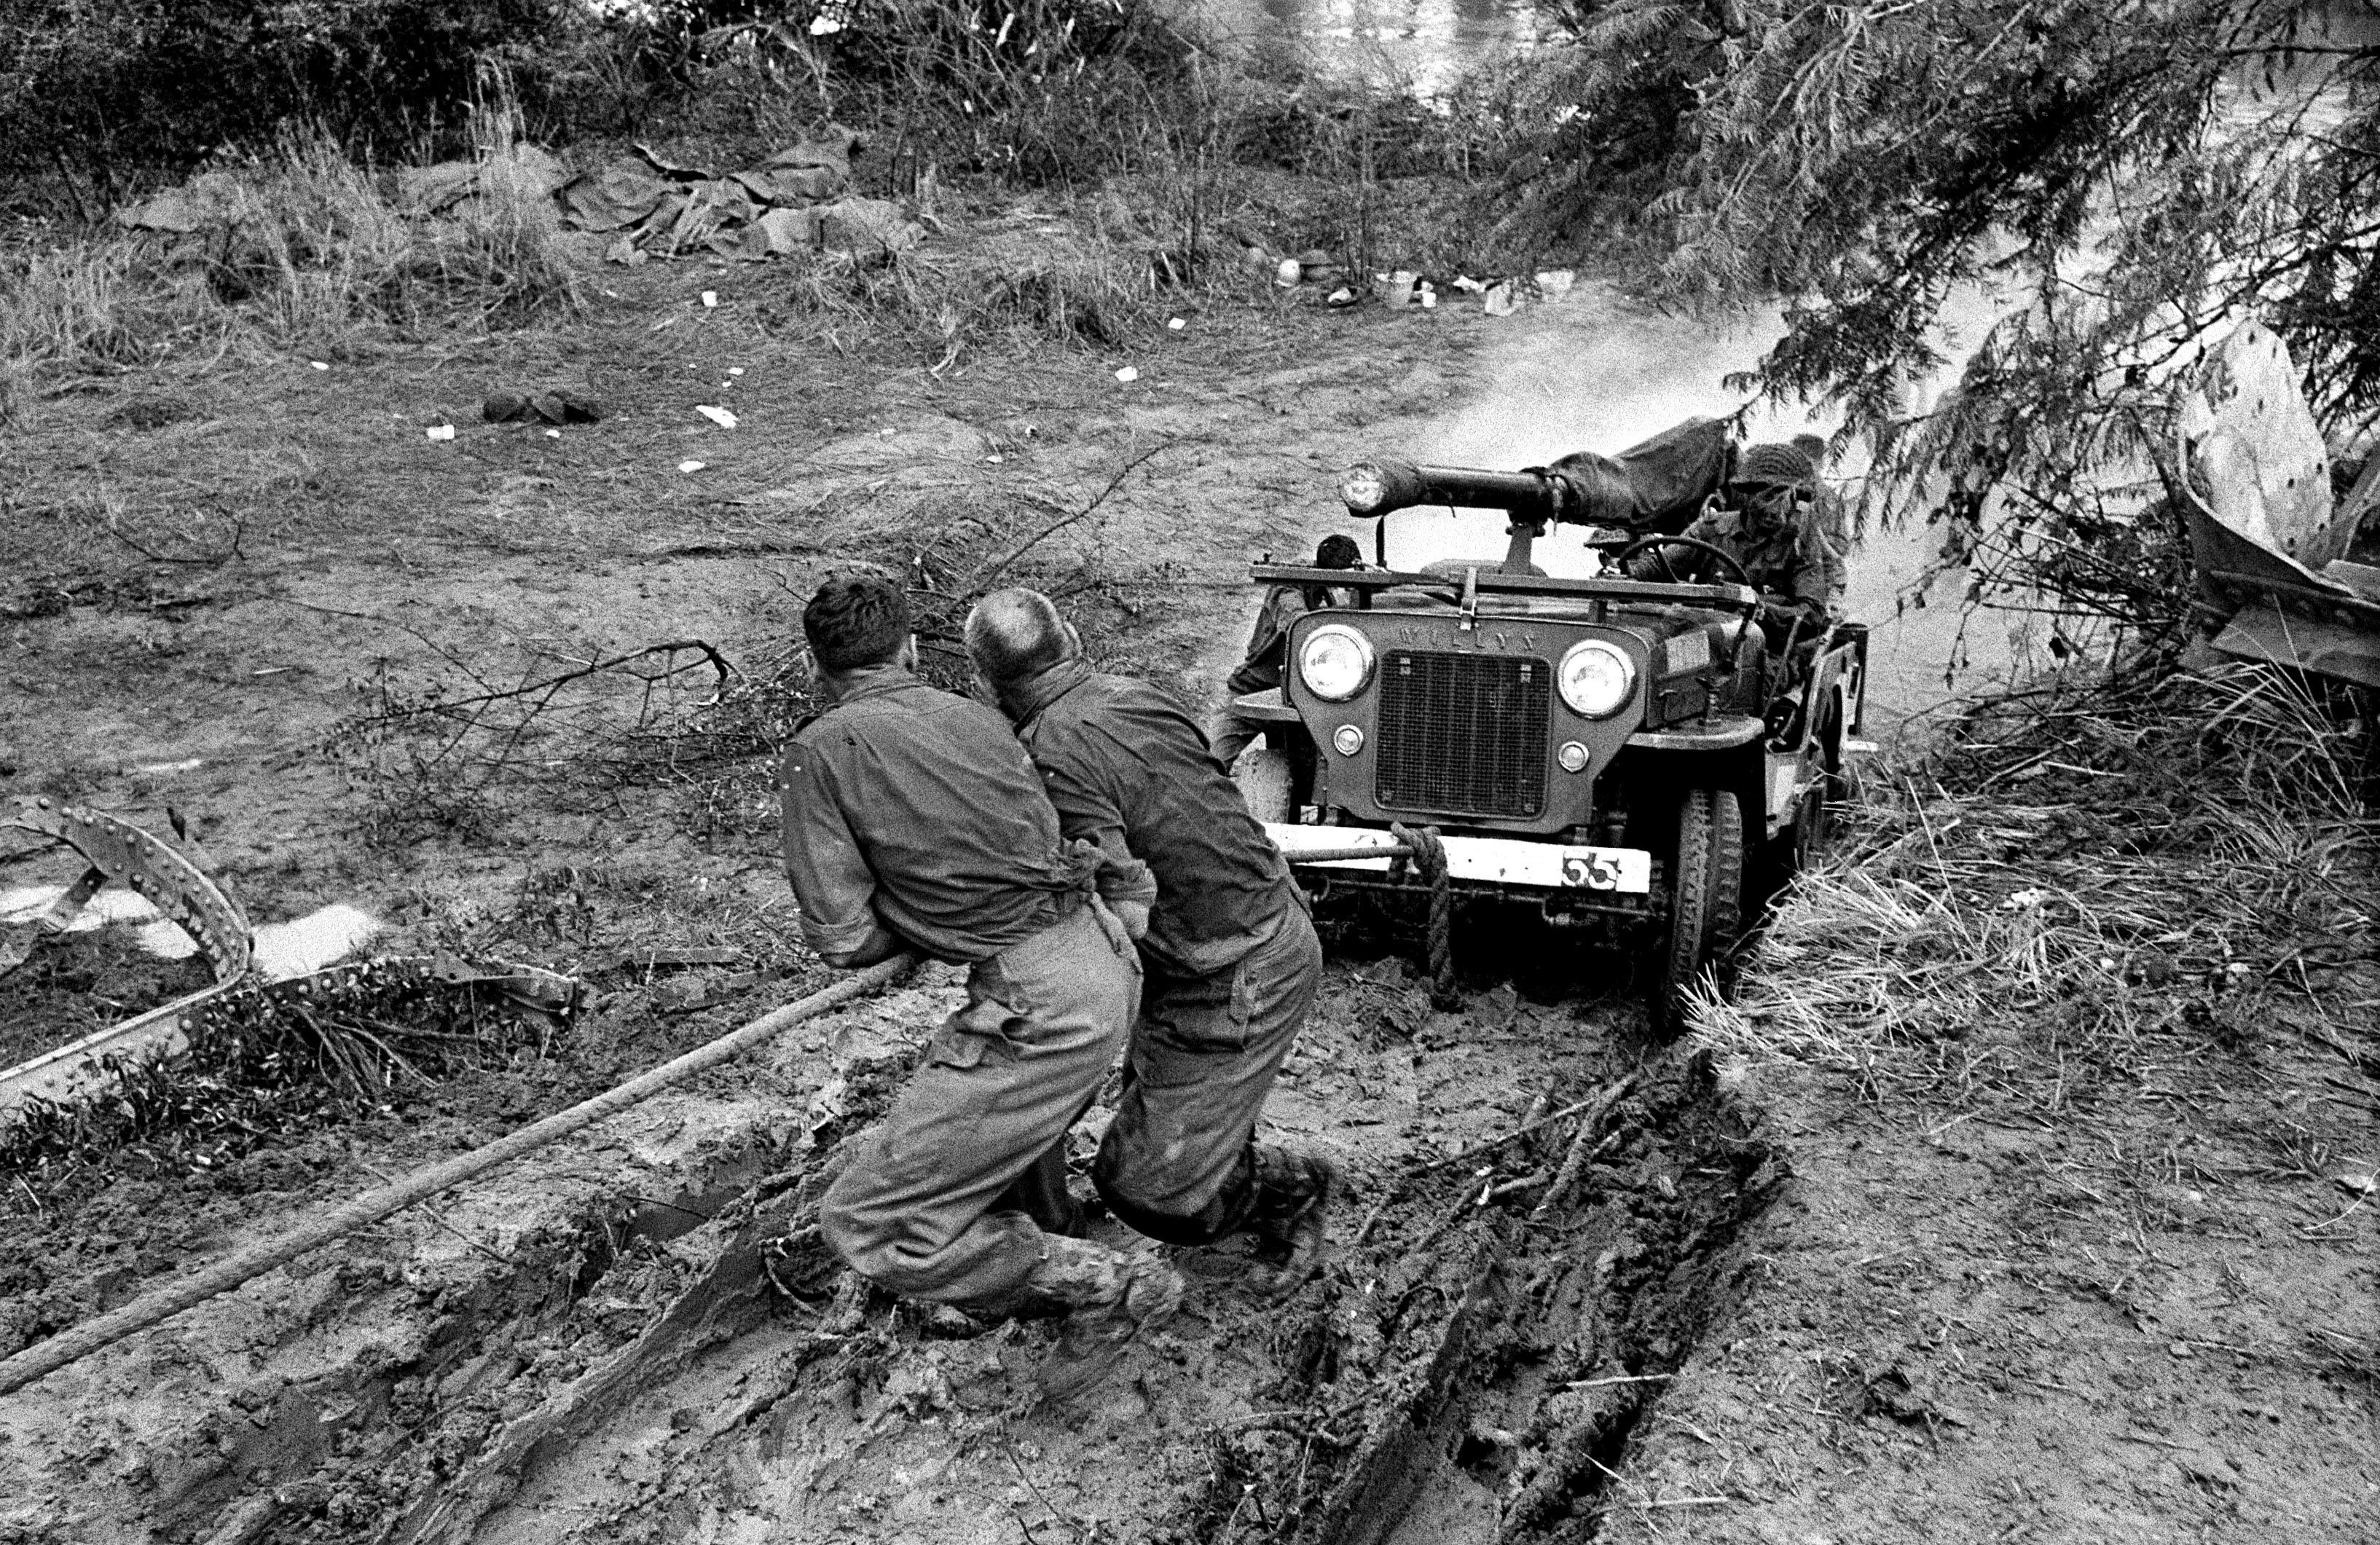 Żołnierze ONZ wyciągają z kongijskiego błota jeepa uzbrojonego w działo bezodrzutowe, bardzo szeroko rozpowszechnioną kombinację po obu stronach konfliktu w Katandze  (fot. Stowarzyszenie Miłośników Marki Jeep)